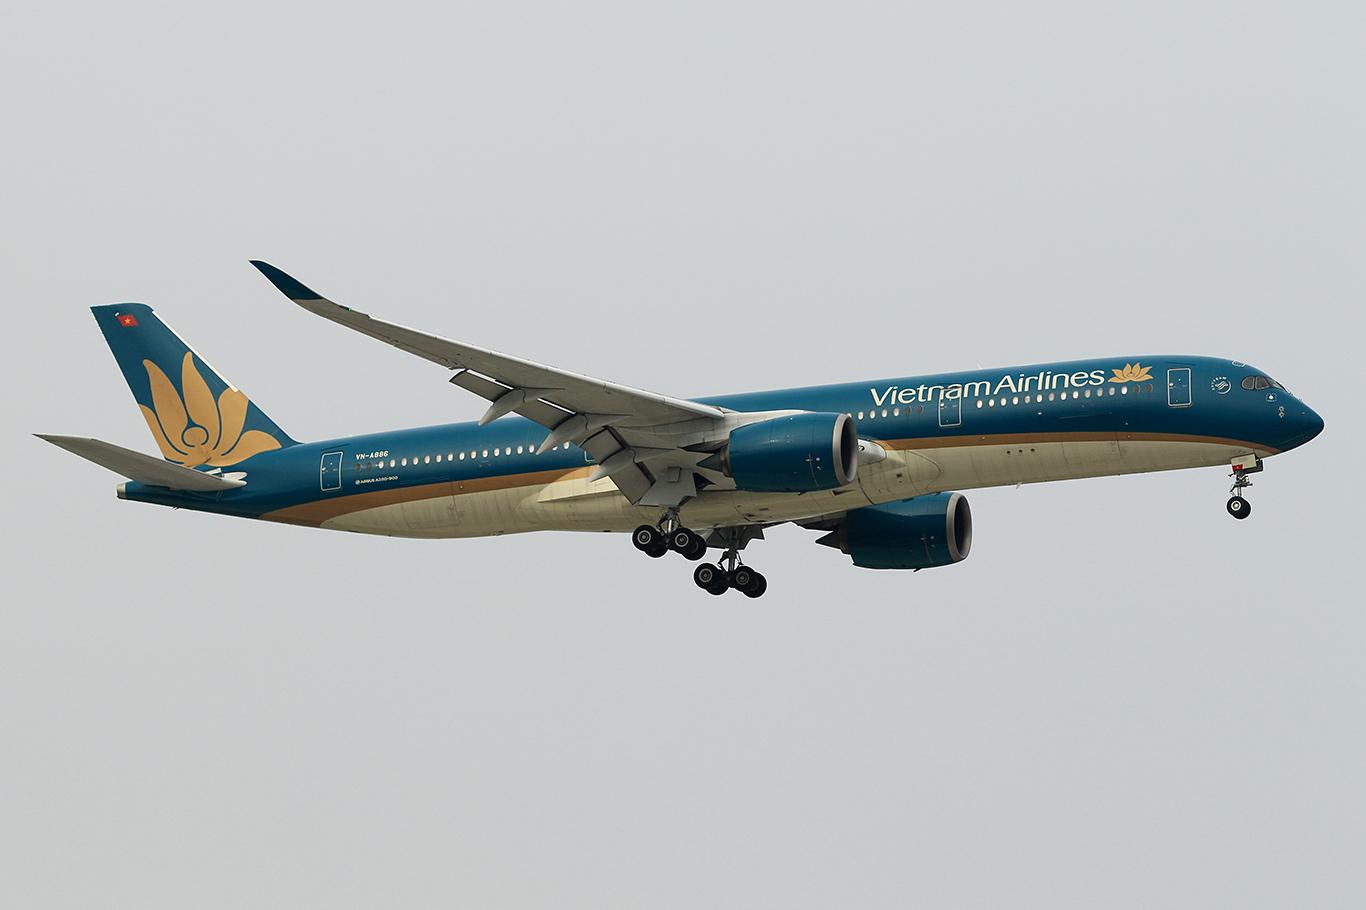 VN/HVN/ベトナム航空 VN300 A350-900 VN-A886